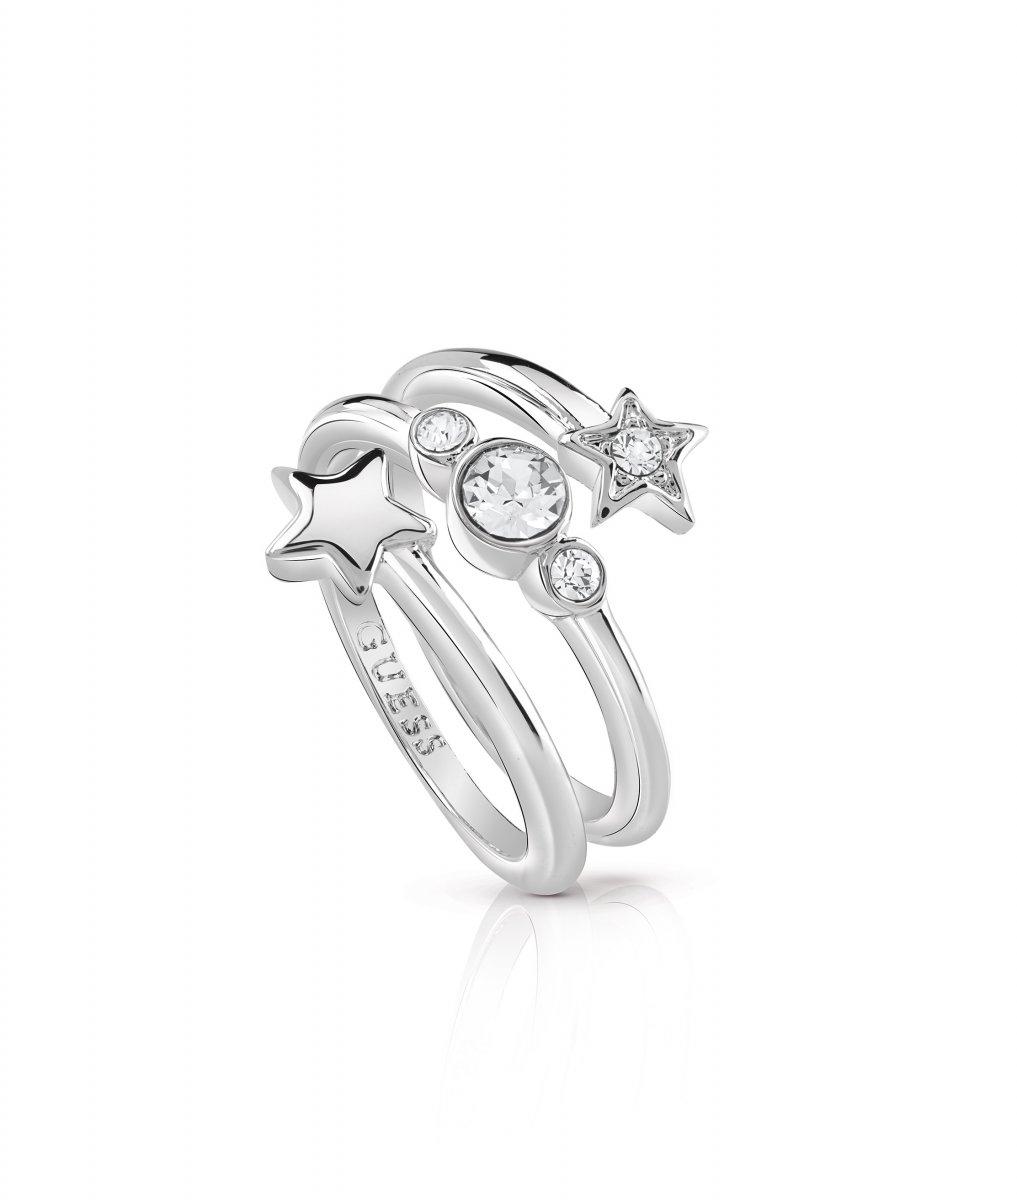 Strieborný prsteň GUESS s hviezdou a krištáľmi